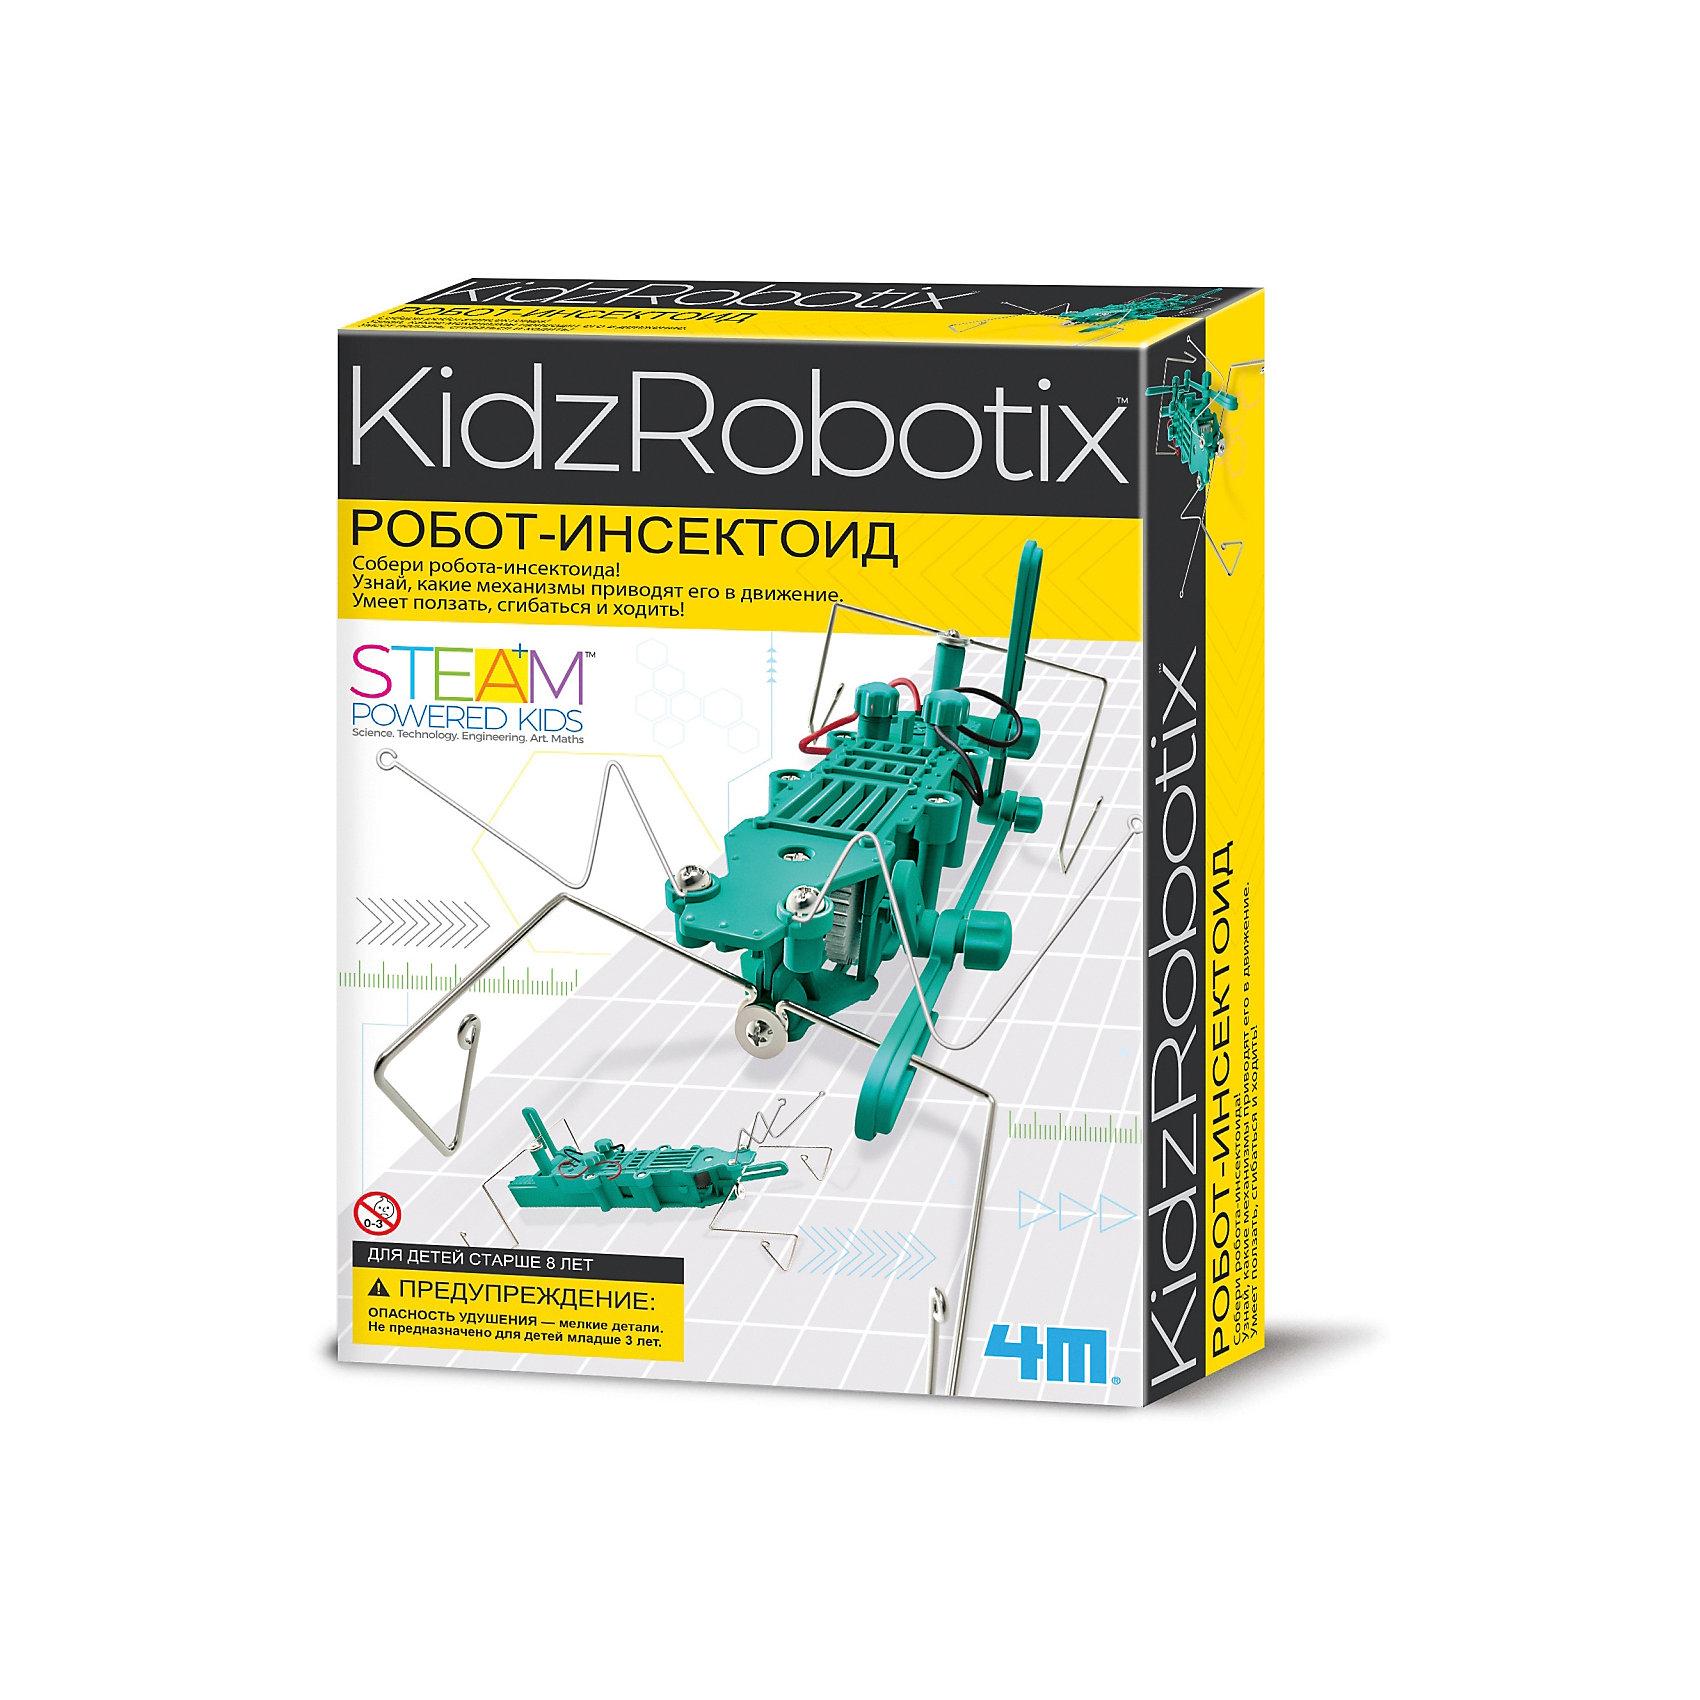 Робот инсектоид, 4MНаборы для робототехники<br>Робот инсектоид, 4M - набор поможет юному исследователю сконструировать робота-сверчка, который делает удивительные трюки.<br>Соберите этого несложного робота-сверчка! Разберитесь в его механизме. Он ползает, крутится и бегает! Набор развивает интеллектуальные и творческие способности ребенка, стимулирует воображение и интерес к науке. Абсолютно безопасен, тщательно протестирован и соответствует европейским стандартам.<br><br>Дополнительная информация:<br><br>- В наборе: большие и малые шестеренки; терминалы; двигатели; мотор с шестерней; отсек для батареек; провода; тельце; крылышки; лапки; 2 антенны; шайбы; гайки; болты; винты; инструкция<br>- Длина робота вместе с антеннами-усами: 28 см.<br>- Батарейки: 1 типа ААА (в комплект не входят)<br>- Материал: металл, пластмасса<br>- Дополнительно потребуется: крестовая отвертка<br>- Размер упаковки: 17 х 24 х 6 см.<br>- Вес: 236 гр.<br><br>Набор Робот инсектоид, 4M можно купить в нашем интернет-магазине.<br><br>Ширина мм: 170<br>Глубина мм: 240<br>Высота мм: 60<br>Вес г: 236<br>Возраст от месяцев: 96<br>Возраст до месяцев: 144<br>Пол: Унисекс<br>Возраст: Детский<br>SKU: 4561226